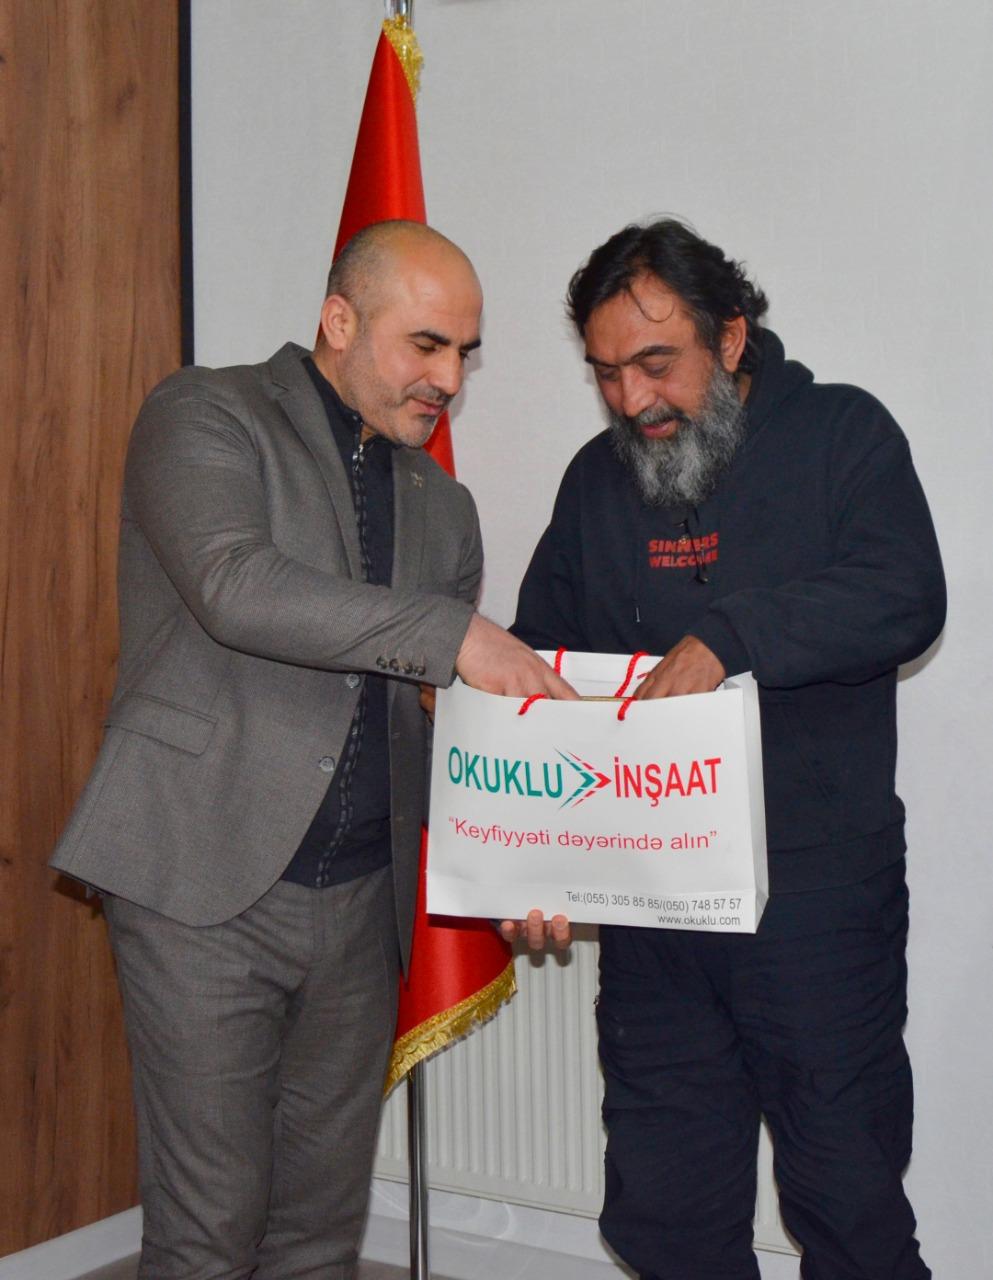 """TRT Türkiyə və Azərbaycan televiziyası """"Qarabağ haqqında sənədli film"""" hazırlayır"""